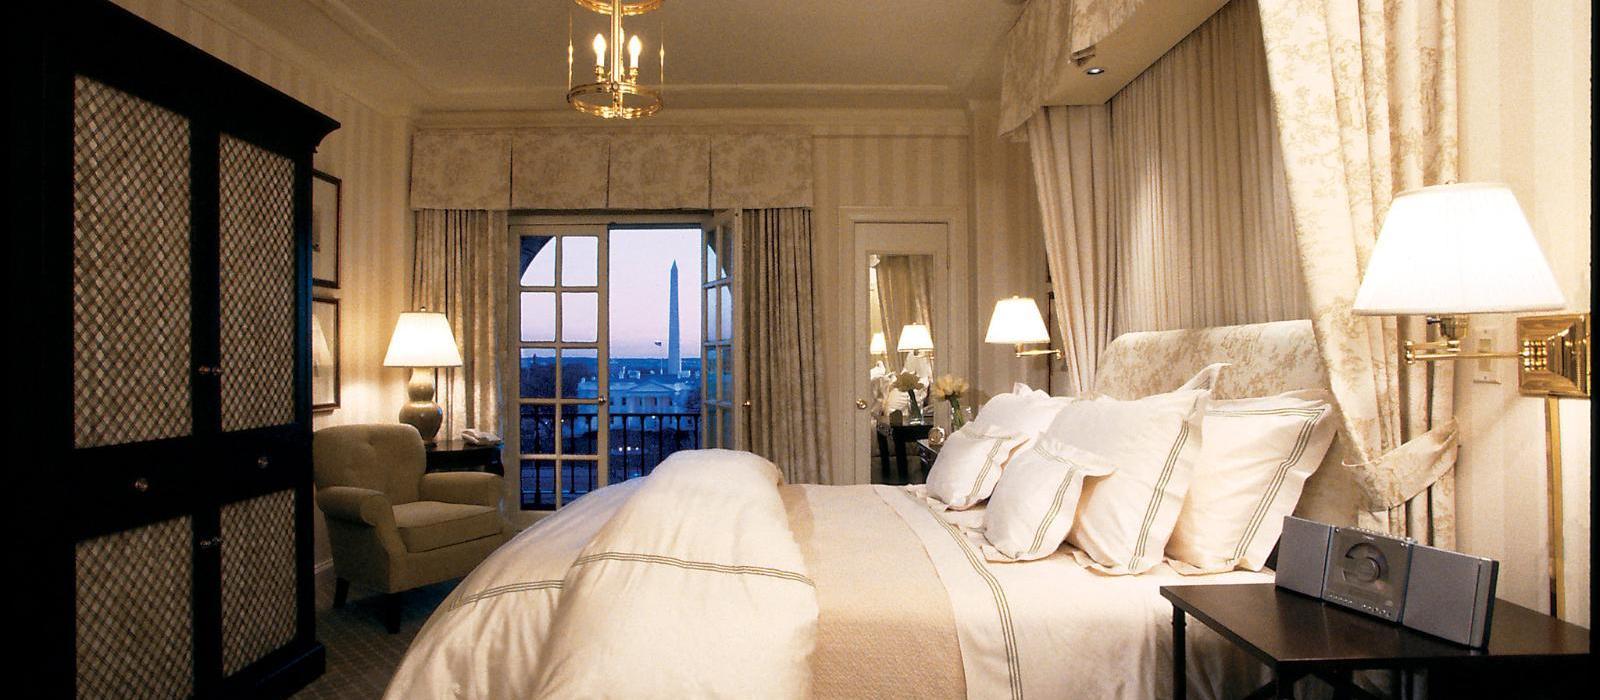 海亚当斯酒店(The Hay-Adams) 白宫景致标准客房图片  www.lhw.cn